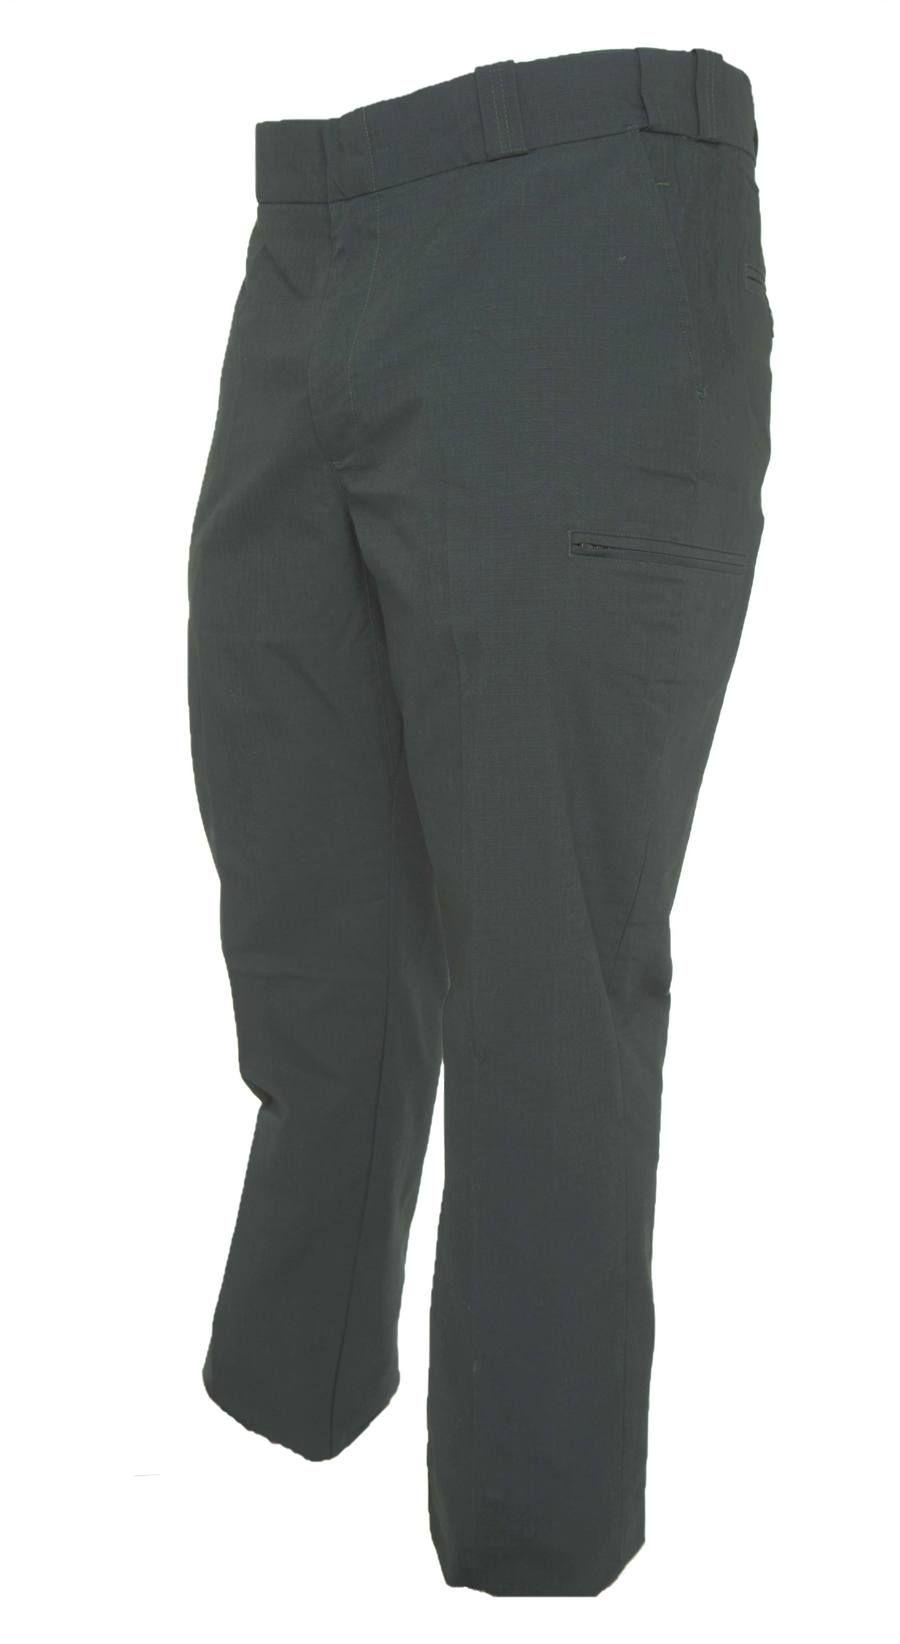 Reflex Covert Cargo Pants-Mens-